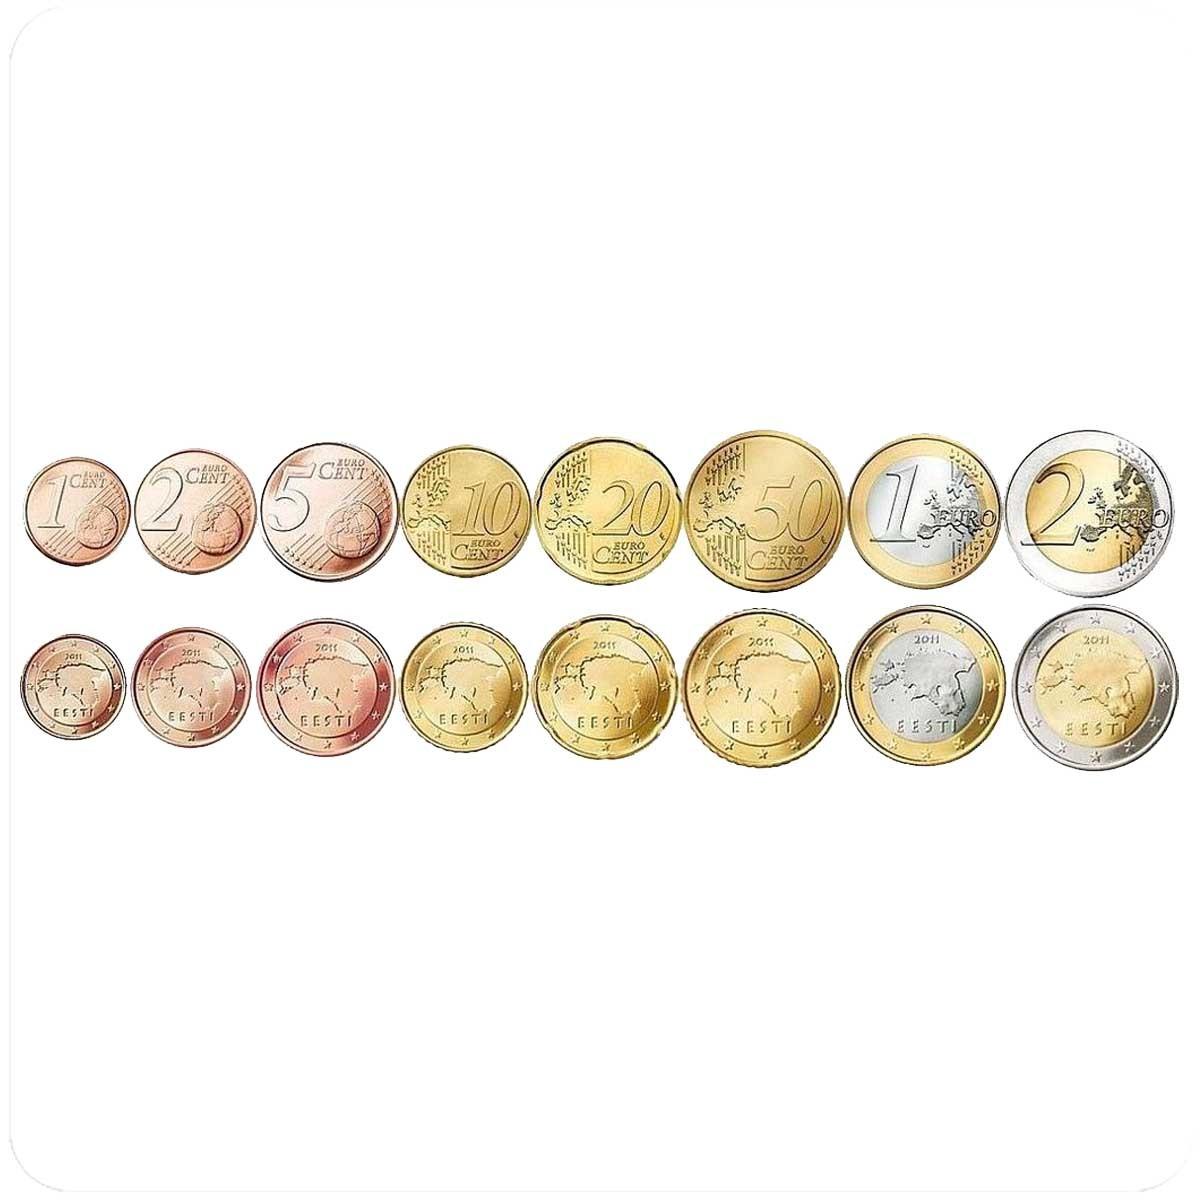 Эстония годовой набор монет евро 2011 года